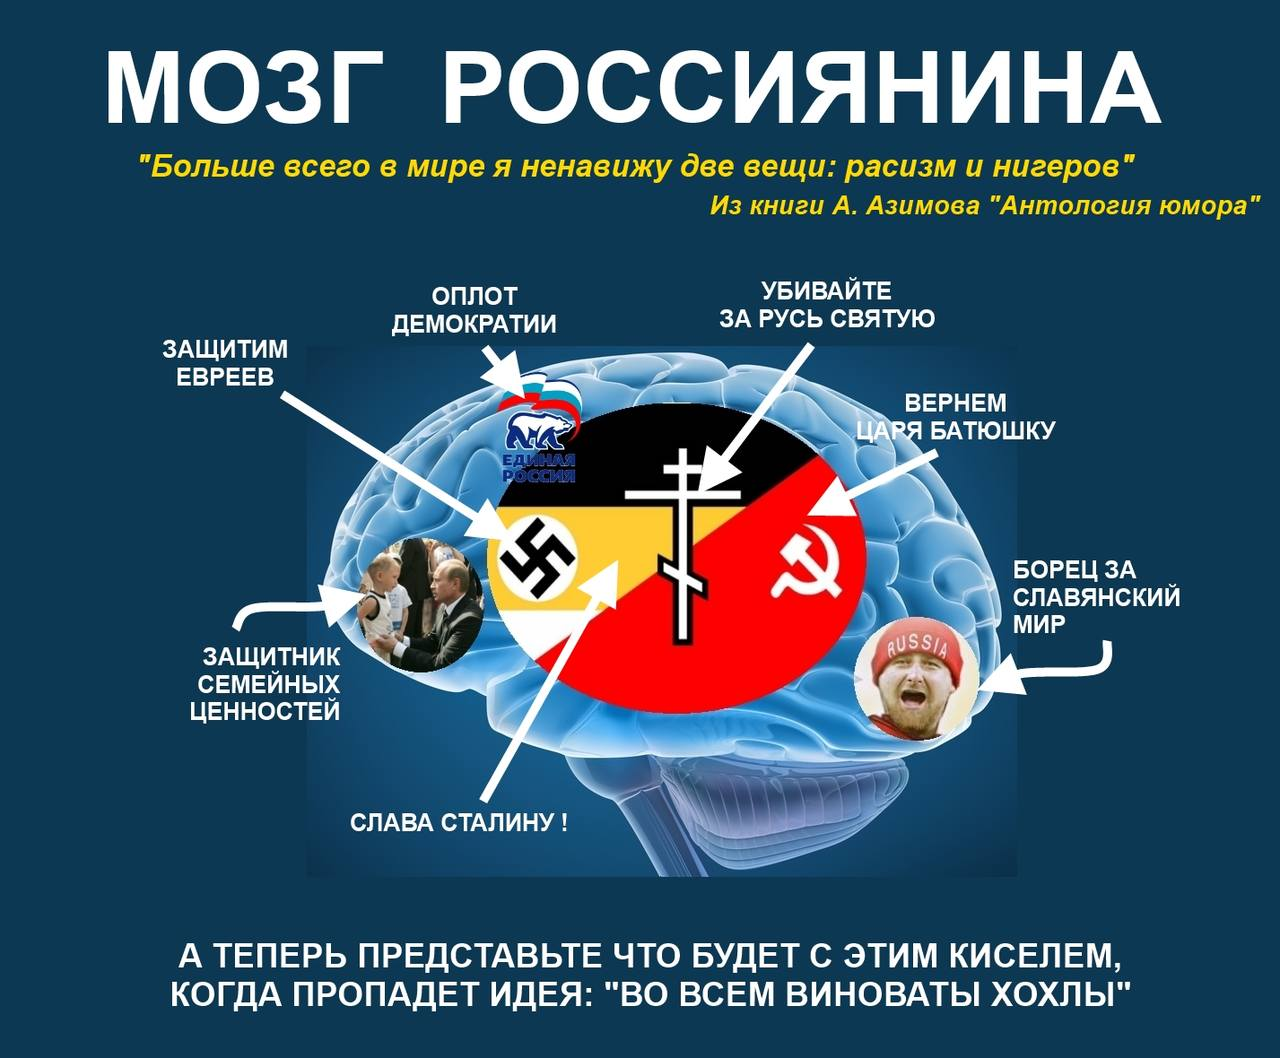 Террористы собираются потребовать от Украины компенсацию за причиненные ими же разрушения на Донбассе, - СНБО - Цензор.НЕТ 4500